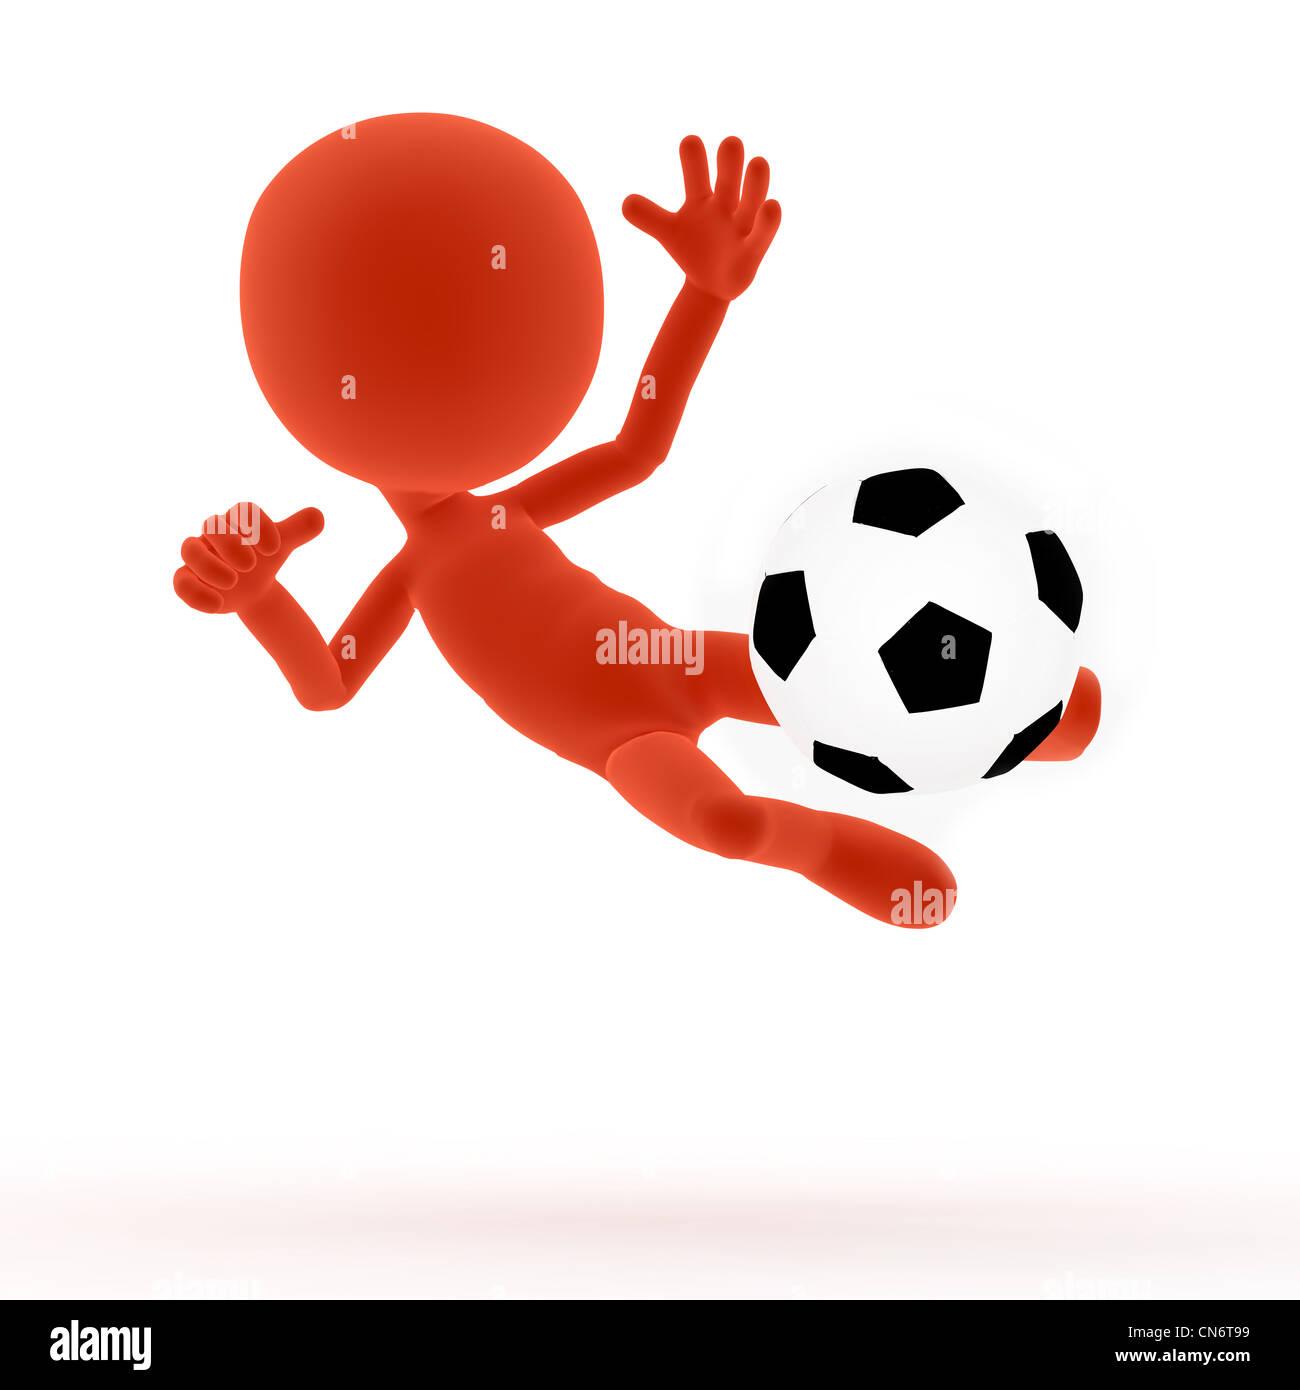 Fussball, Fußball, den Ball. Toons, konzeptionelle Stockbild